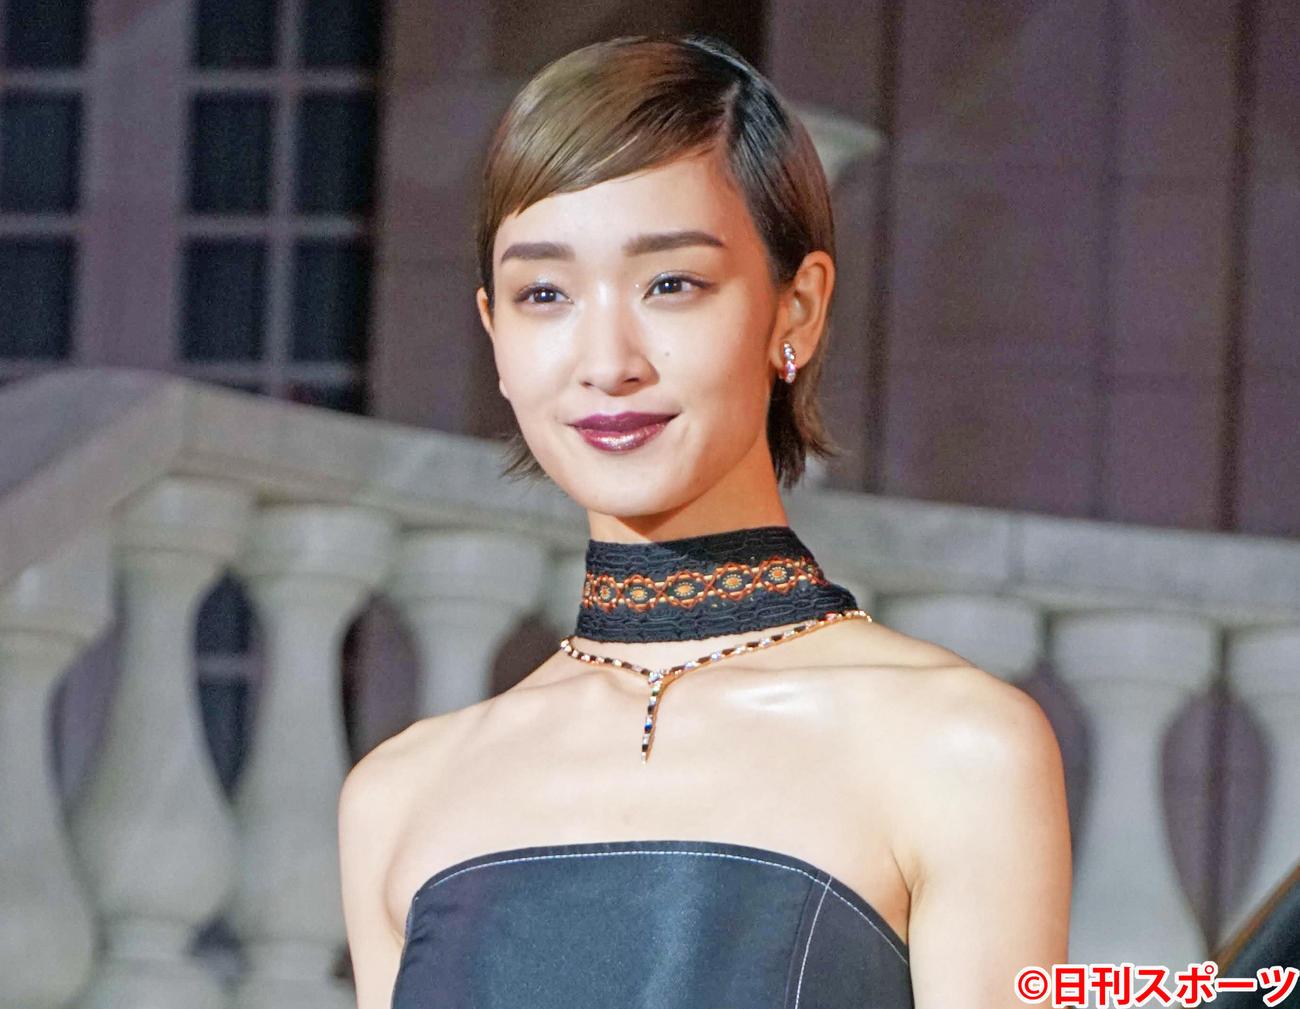 剛力彩芽(2019年10月24日撮影)